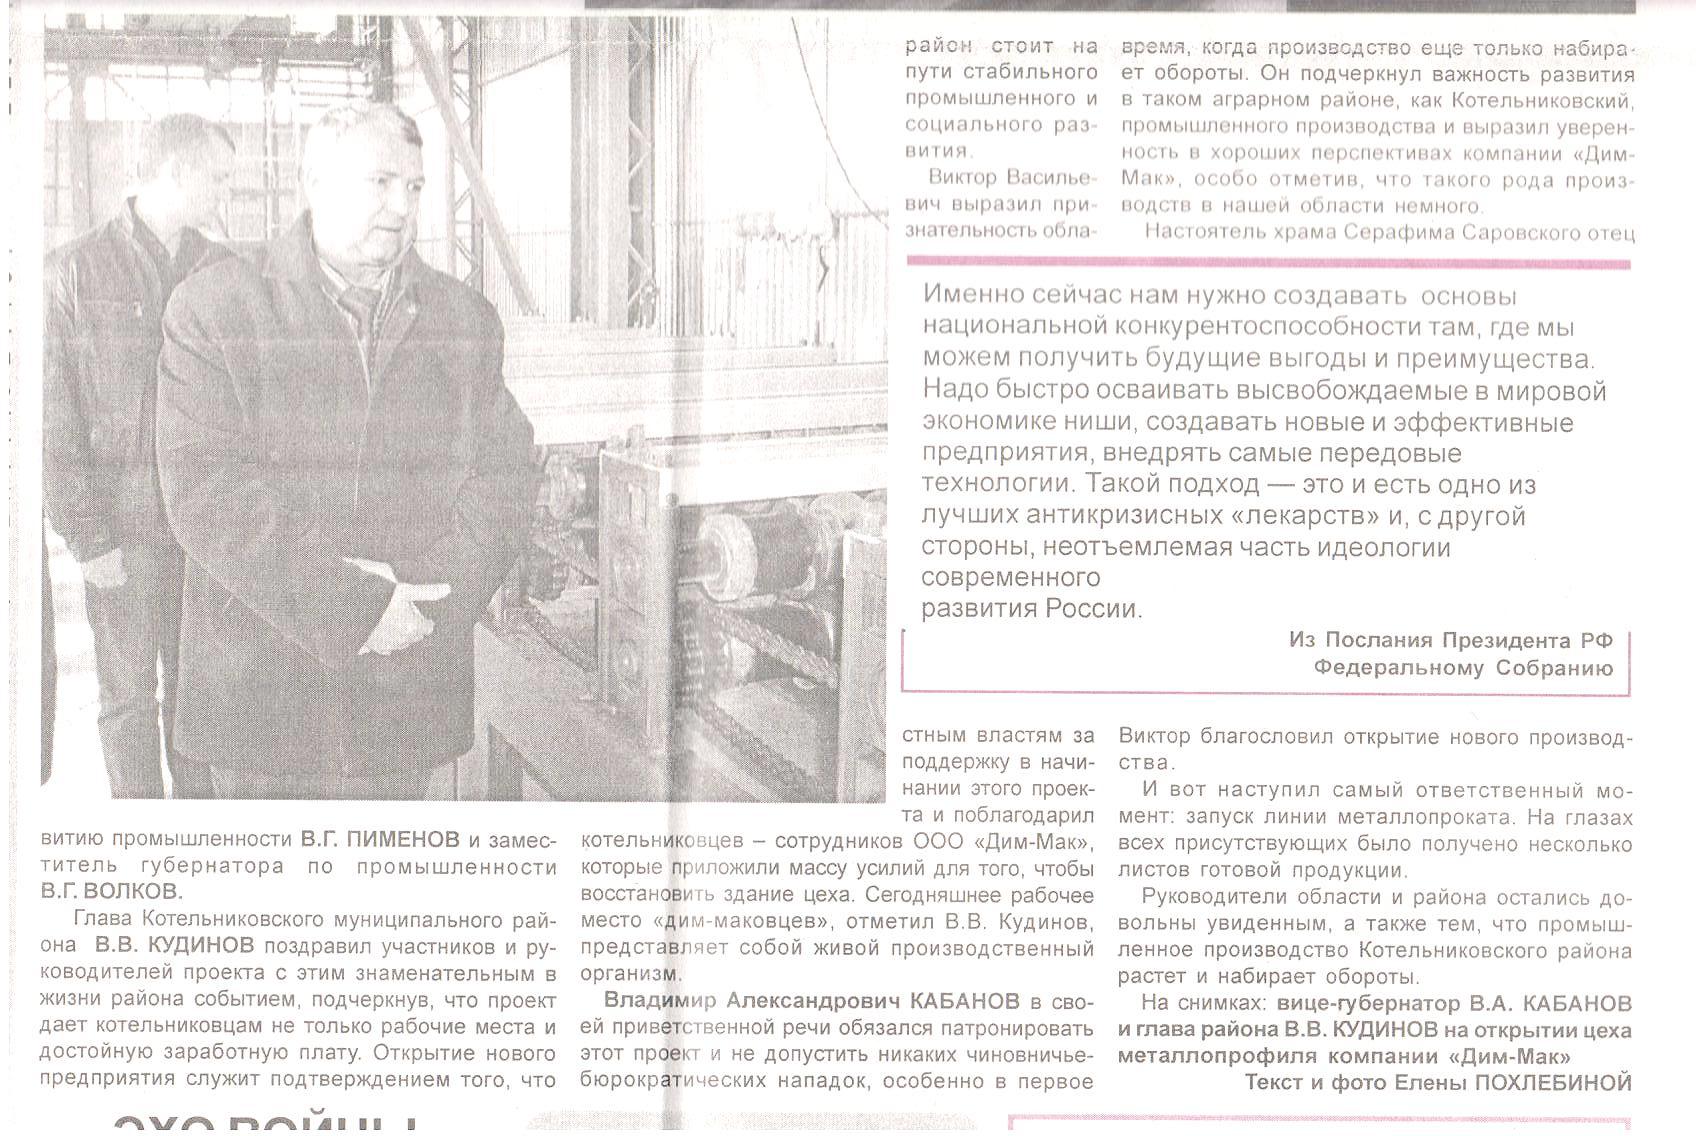 Открытие производства г.Котельниково